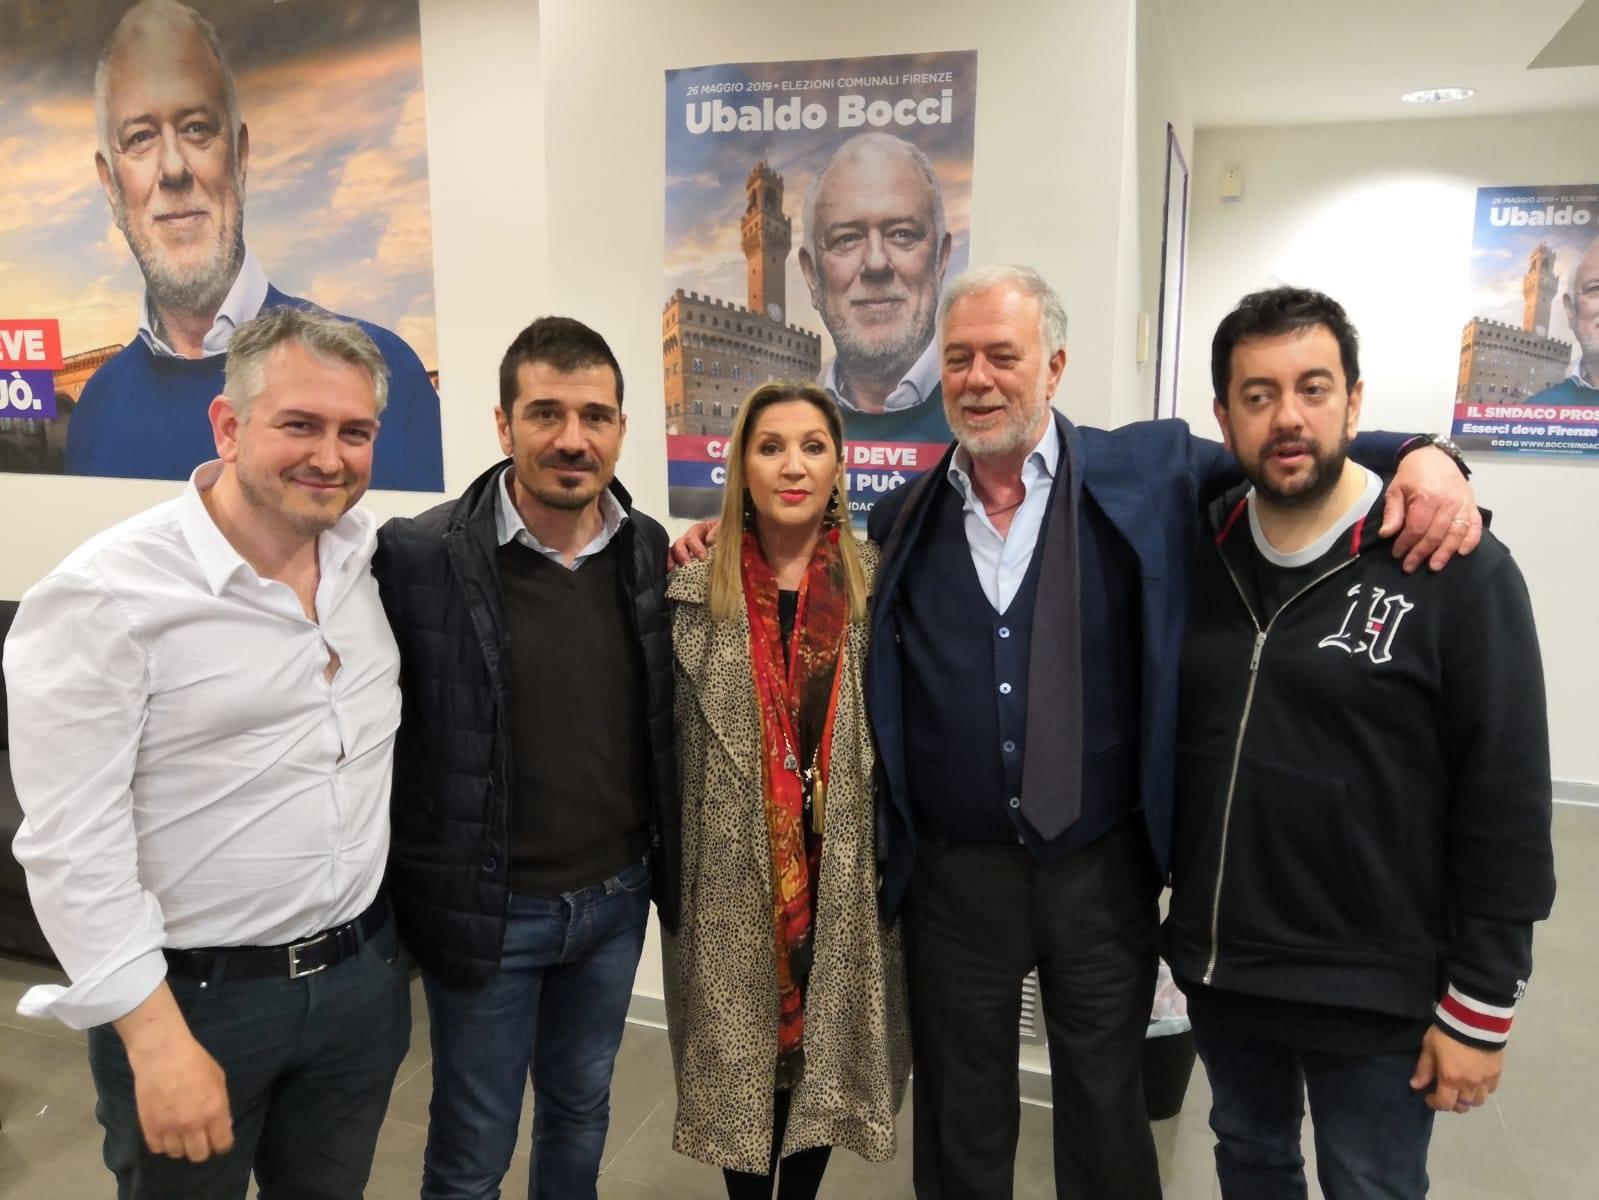 A Firenze al comitato elettorale con il candidato a Sindaco del centrodestra Ubaldo Bocci, Jacopo Bianchi, Marco Stella e Francesco Torselli